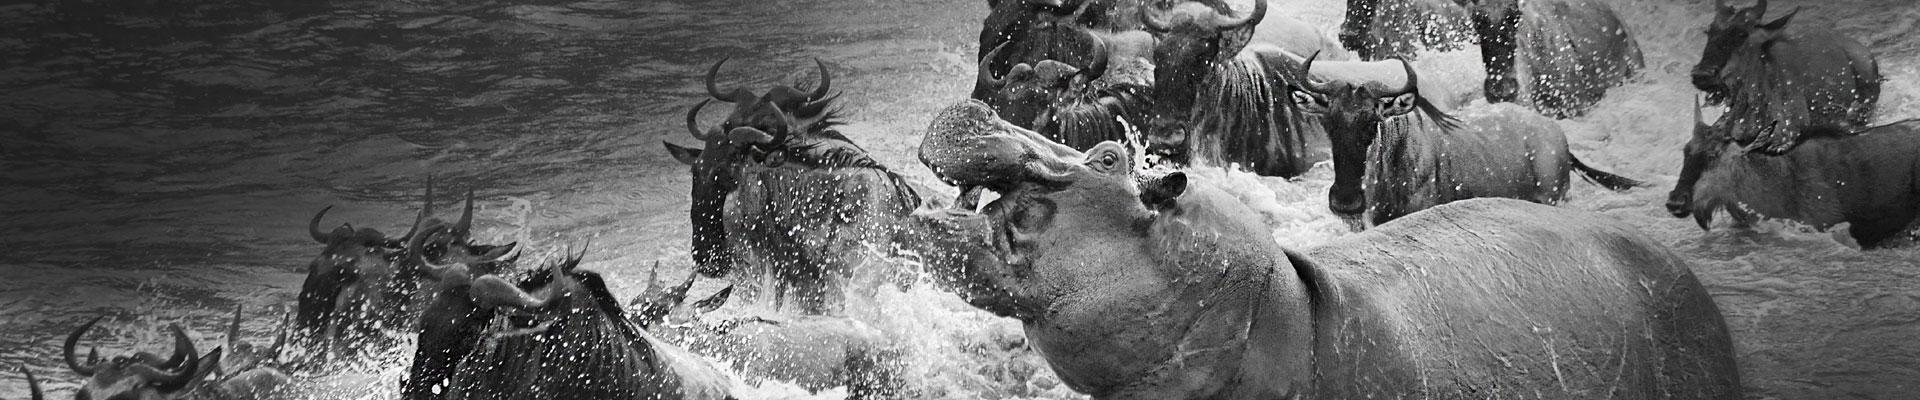 Hippo by Paul McDougall Wildlife Photographer